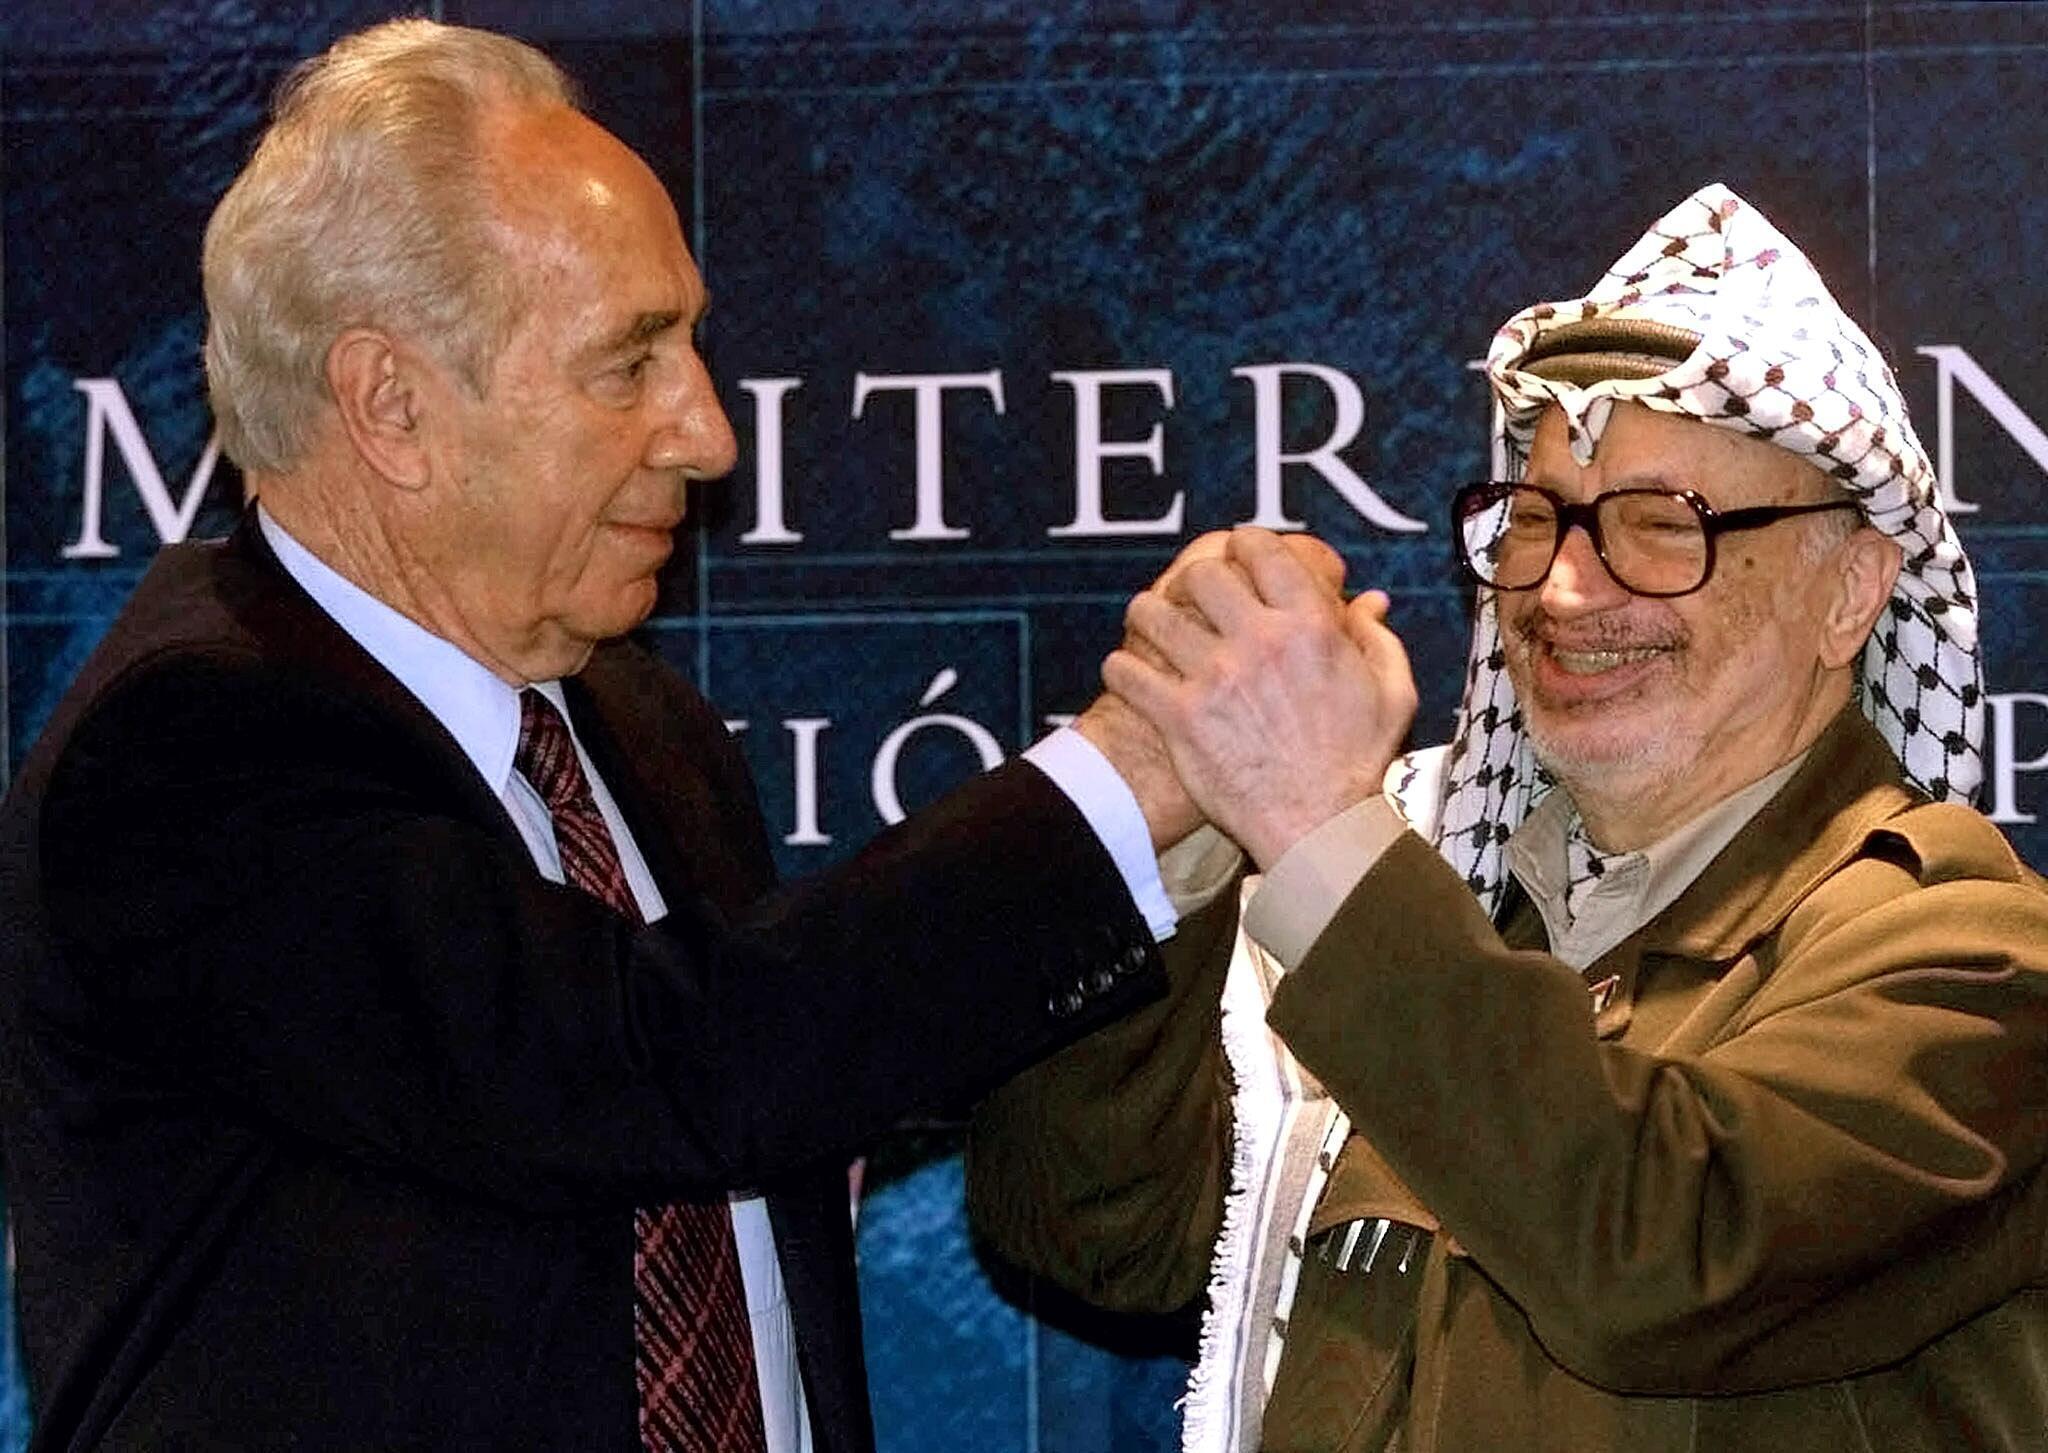 佩雷斯与阿拉法特2001年西班牙出席欧洲-地中海国家峰会时握手。